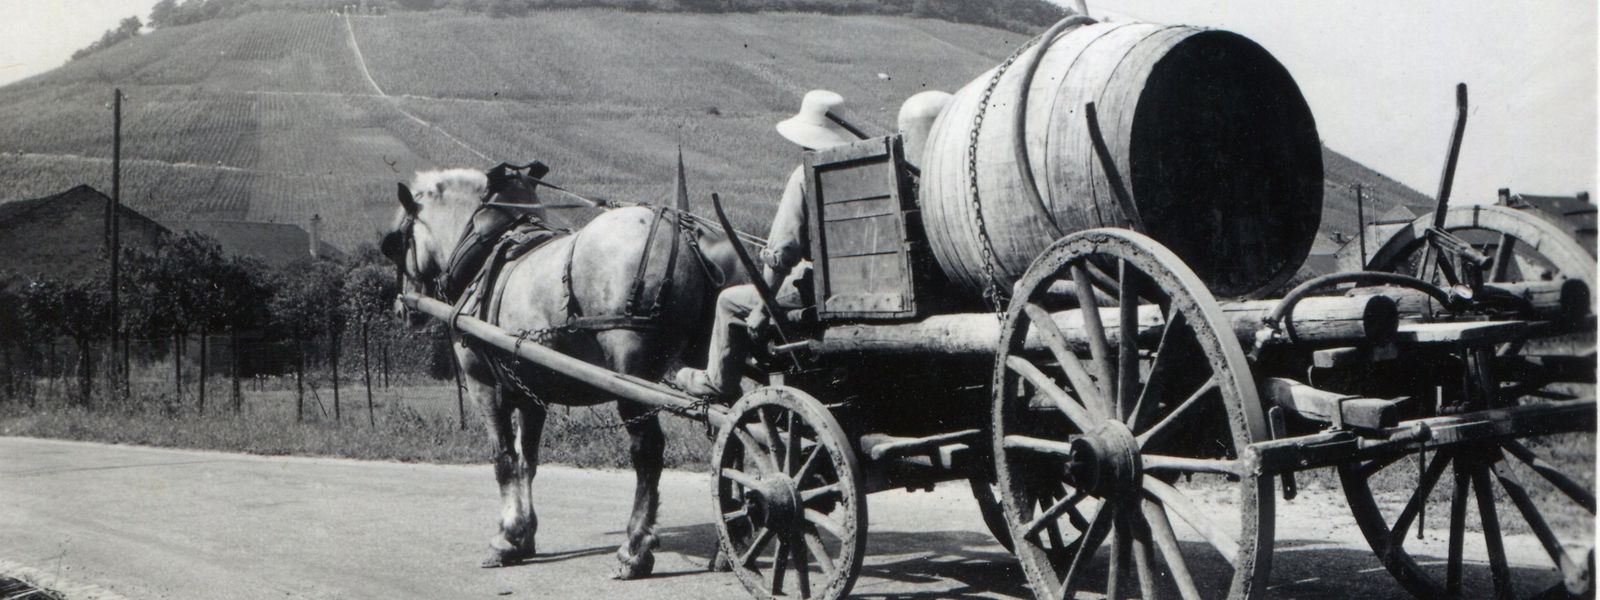 In den Archiven der Familie befinden sich zahlreiche Fotos, die zeigen, wie Wein vor vielen Jahren hergestellt und transportiert wurde.